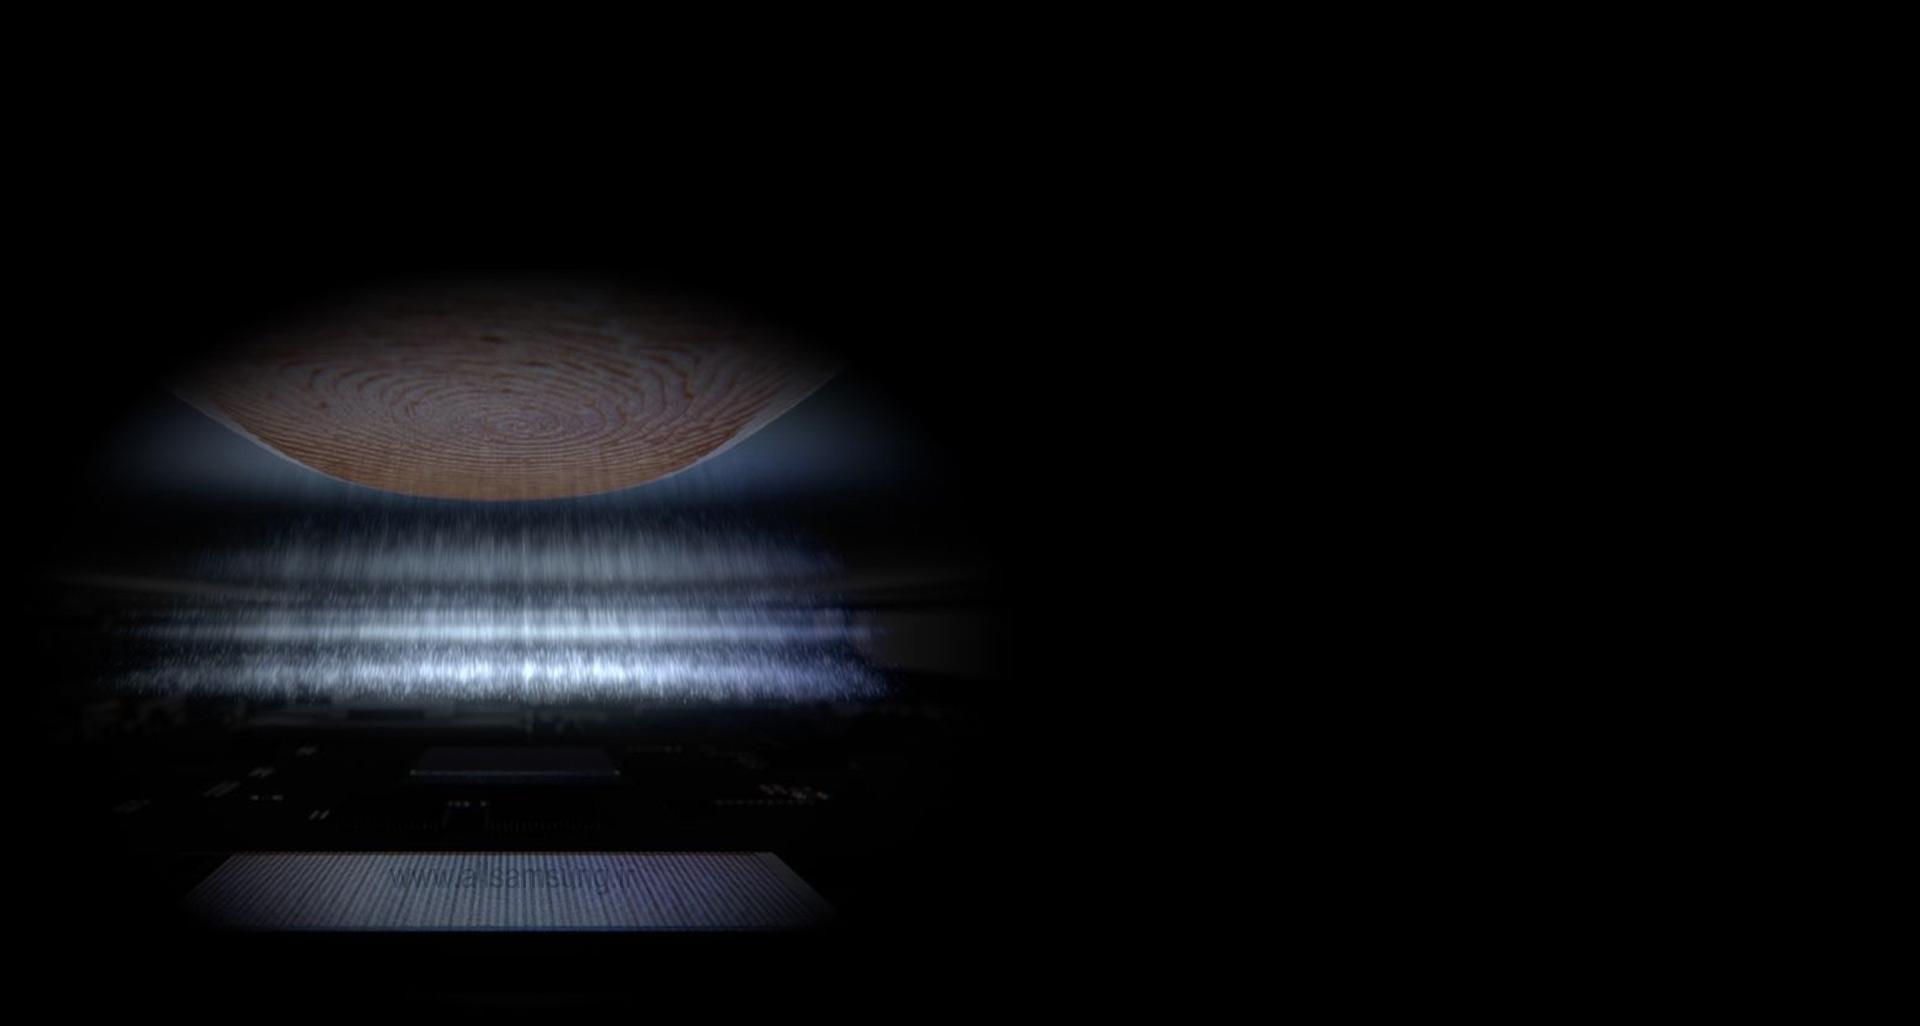 اسکنر اثر انگشت اولتراسونیک گلکسی اس 10